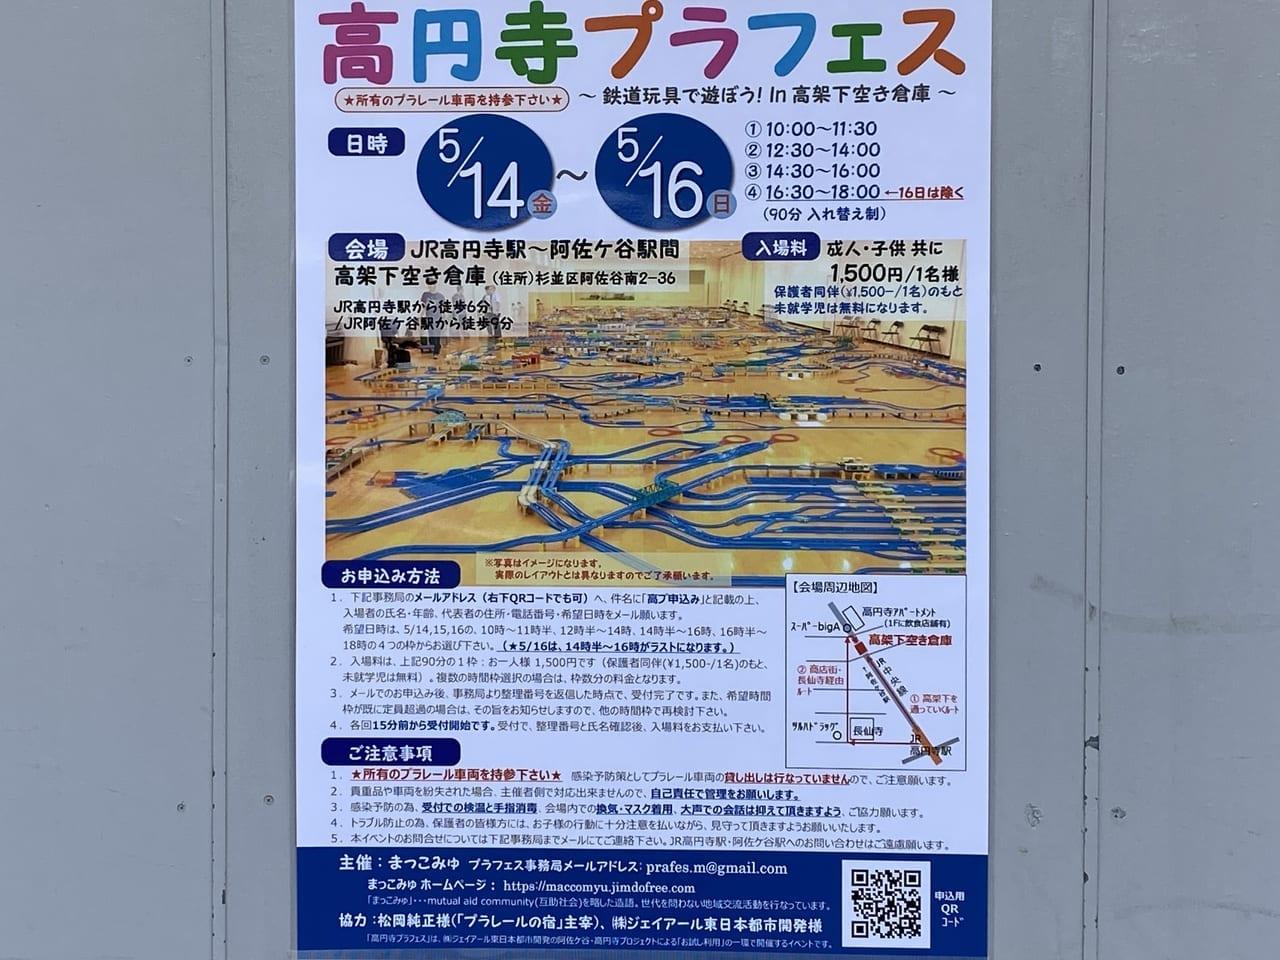 高円寺プラフェス 2021年5月14日から16日